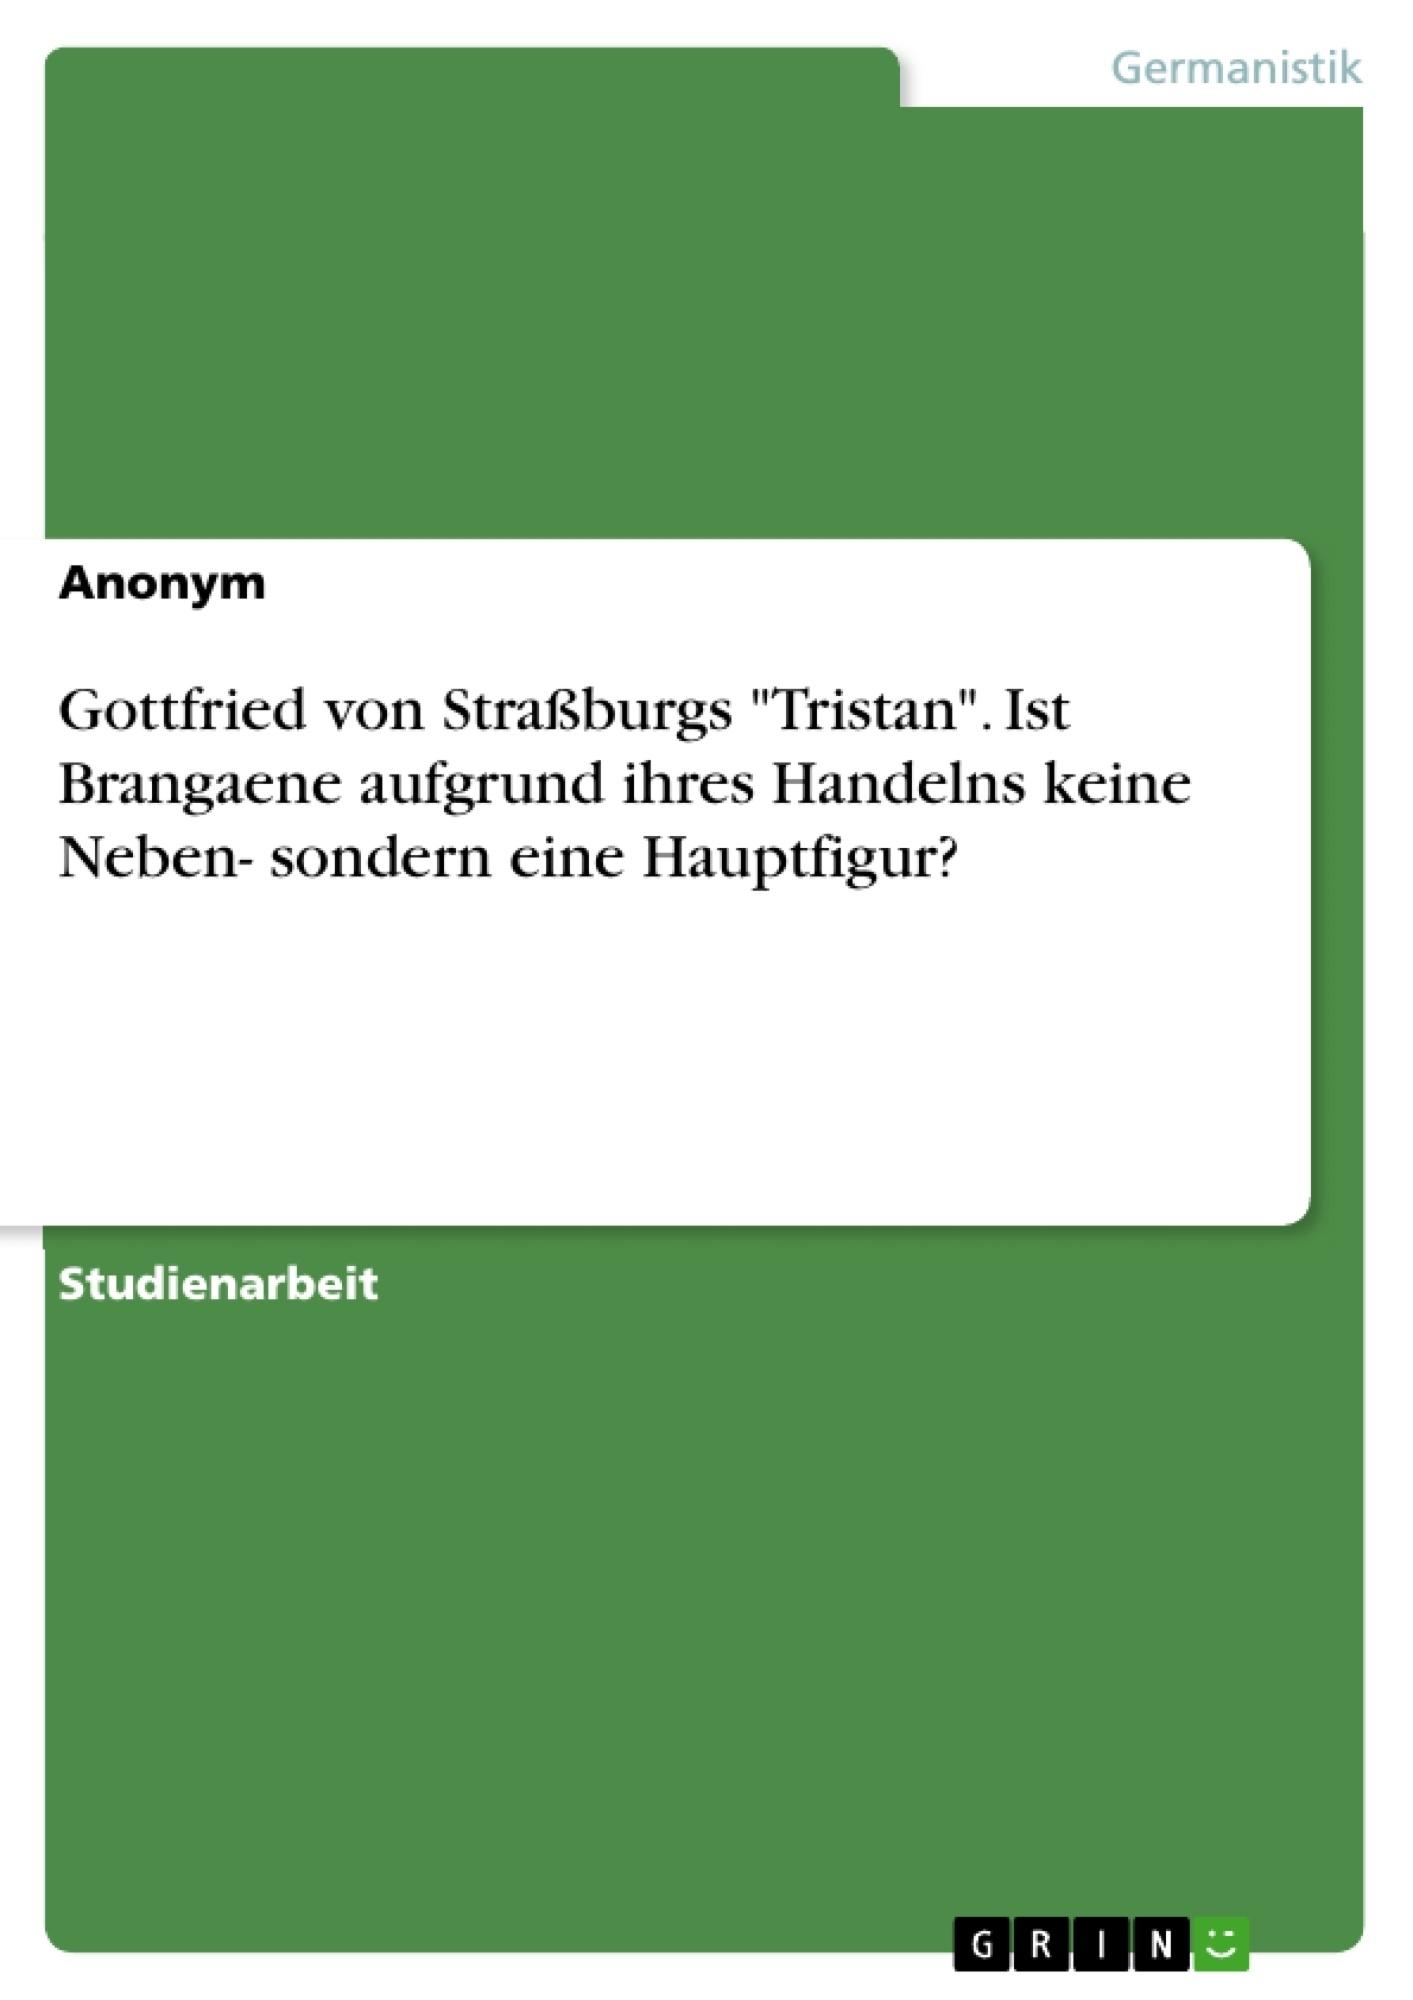 """Titel: Gottfried von Straßburgs """"Tristan"""". Ist Brangaene aufgrund ihres Handelns keine Neben- sondern eine Hauptfigur?"""